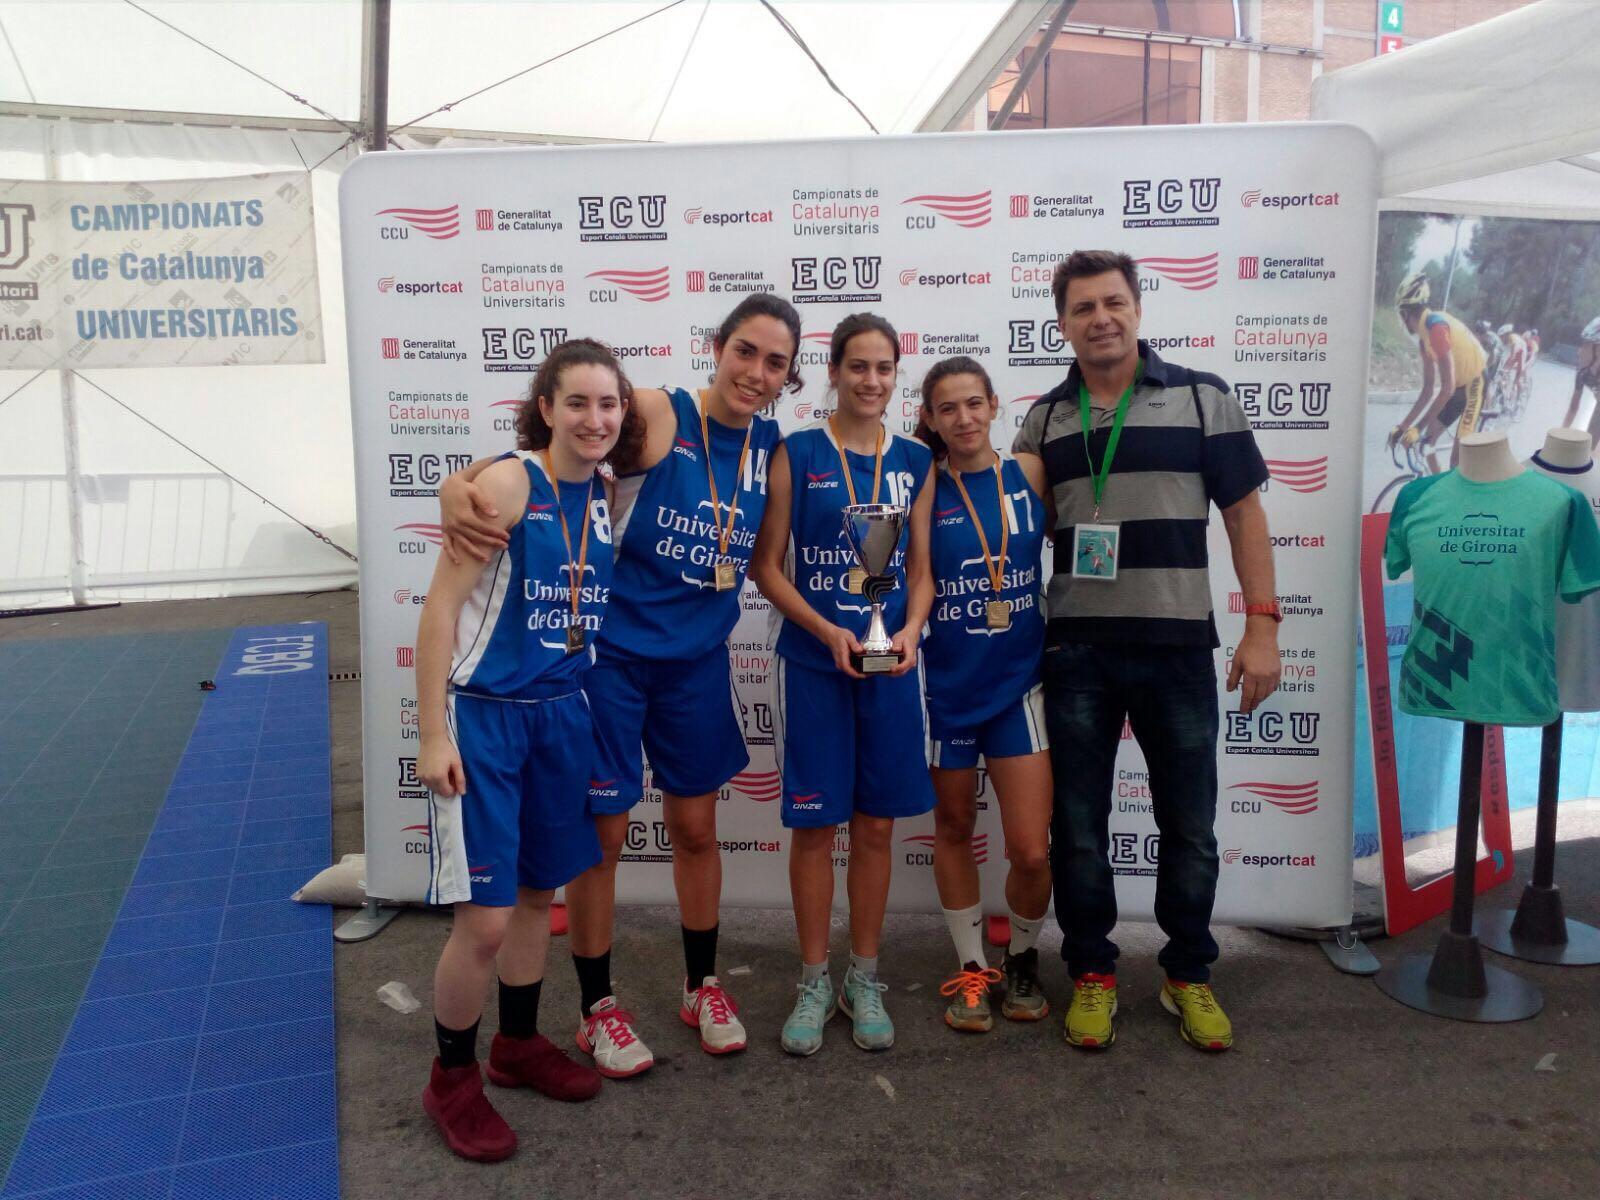 L'alumna de CAFE d'EUSES Anna Jodar guanya el campionat català de bàsquet 3×3 amb l'equip de la UdG i obté el passaport per a l'Europeu Universitari d'Split